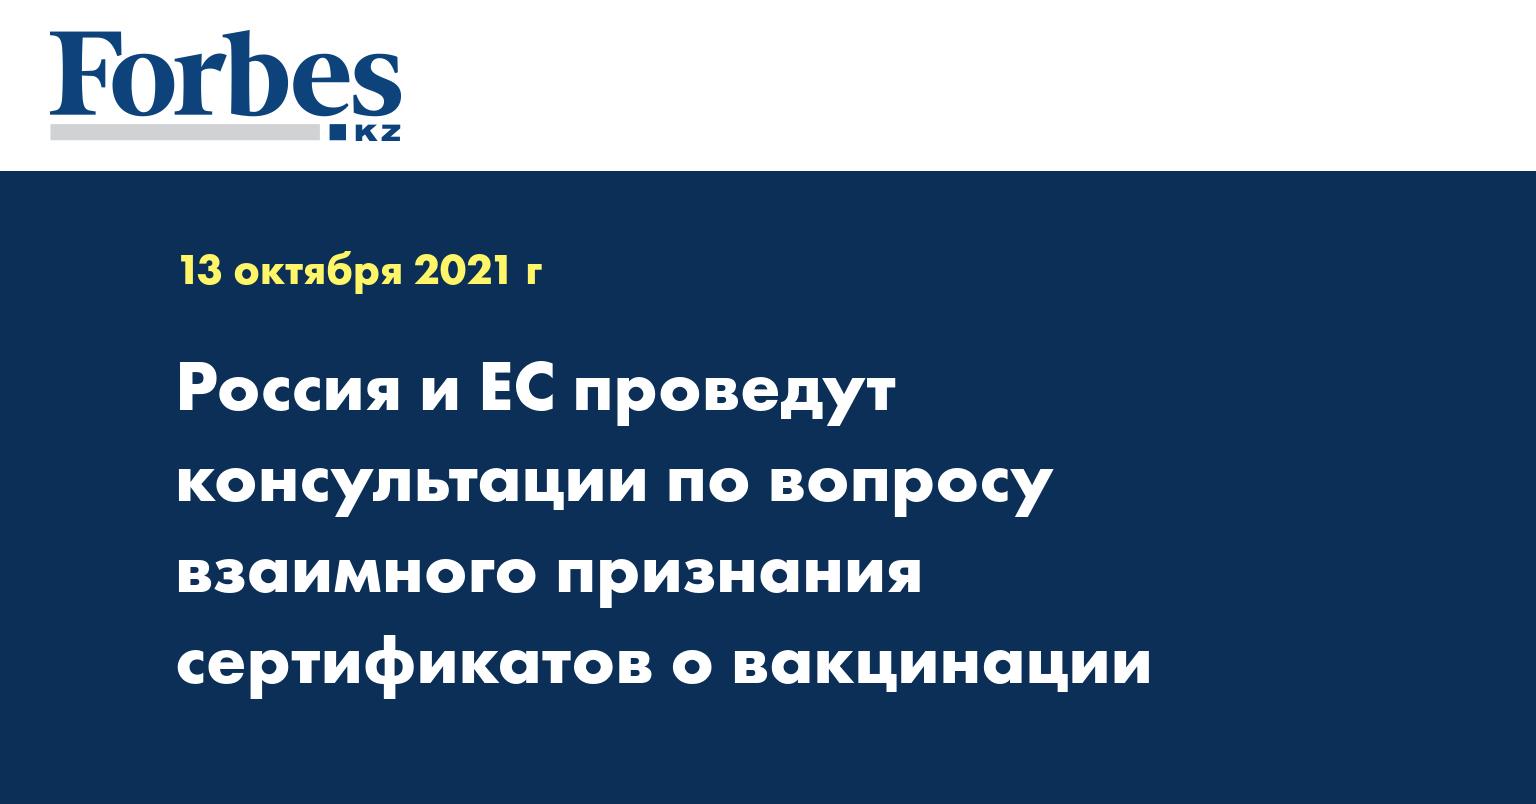 Россия и ЕС проведут консультации по вопросу взаимного признания сертификатов о вакцинации